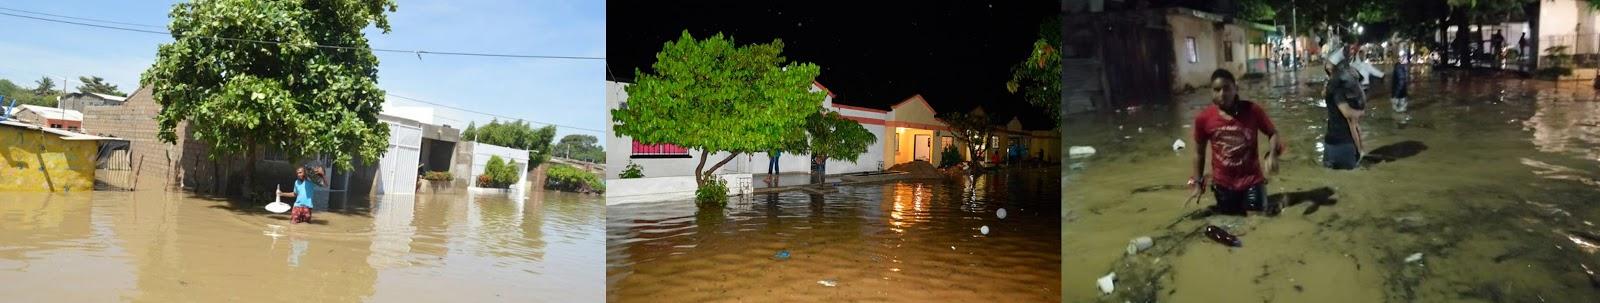 hoyennoticia.com, Inundaciones en 32 barrios de Riohacha por fuertes lluvias